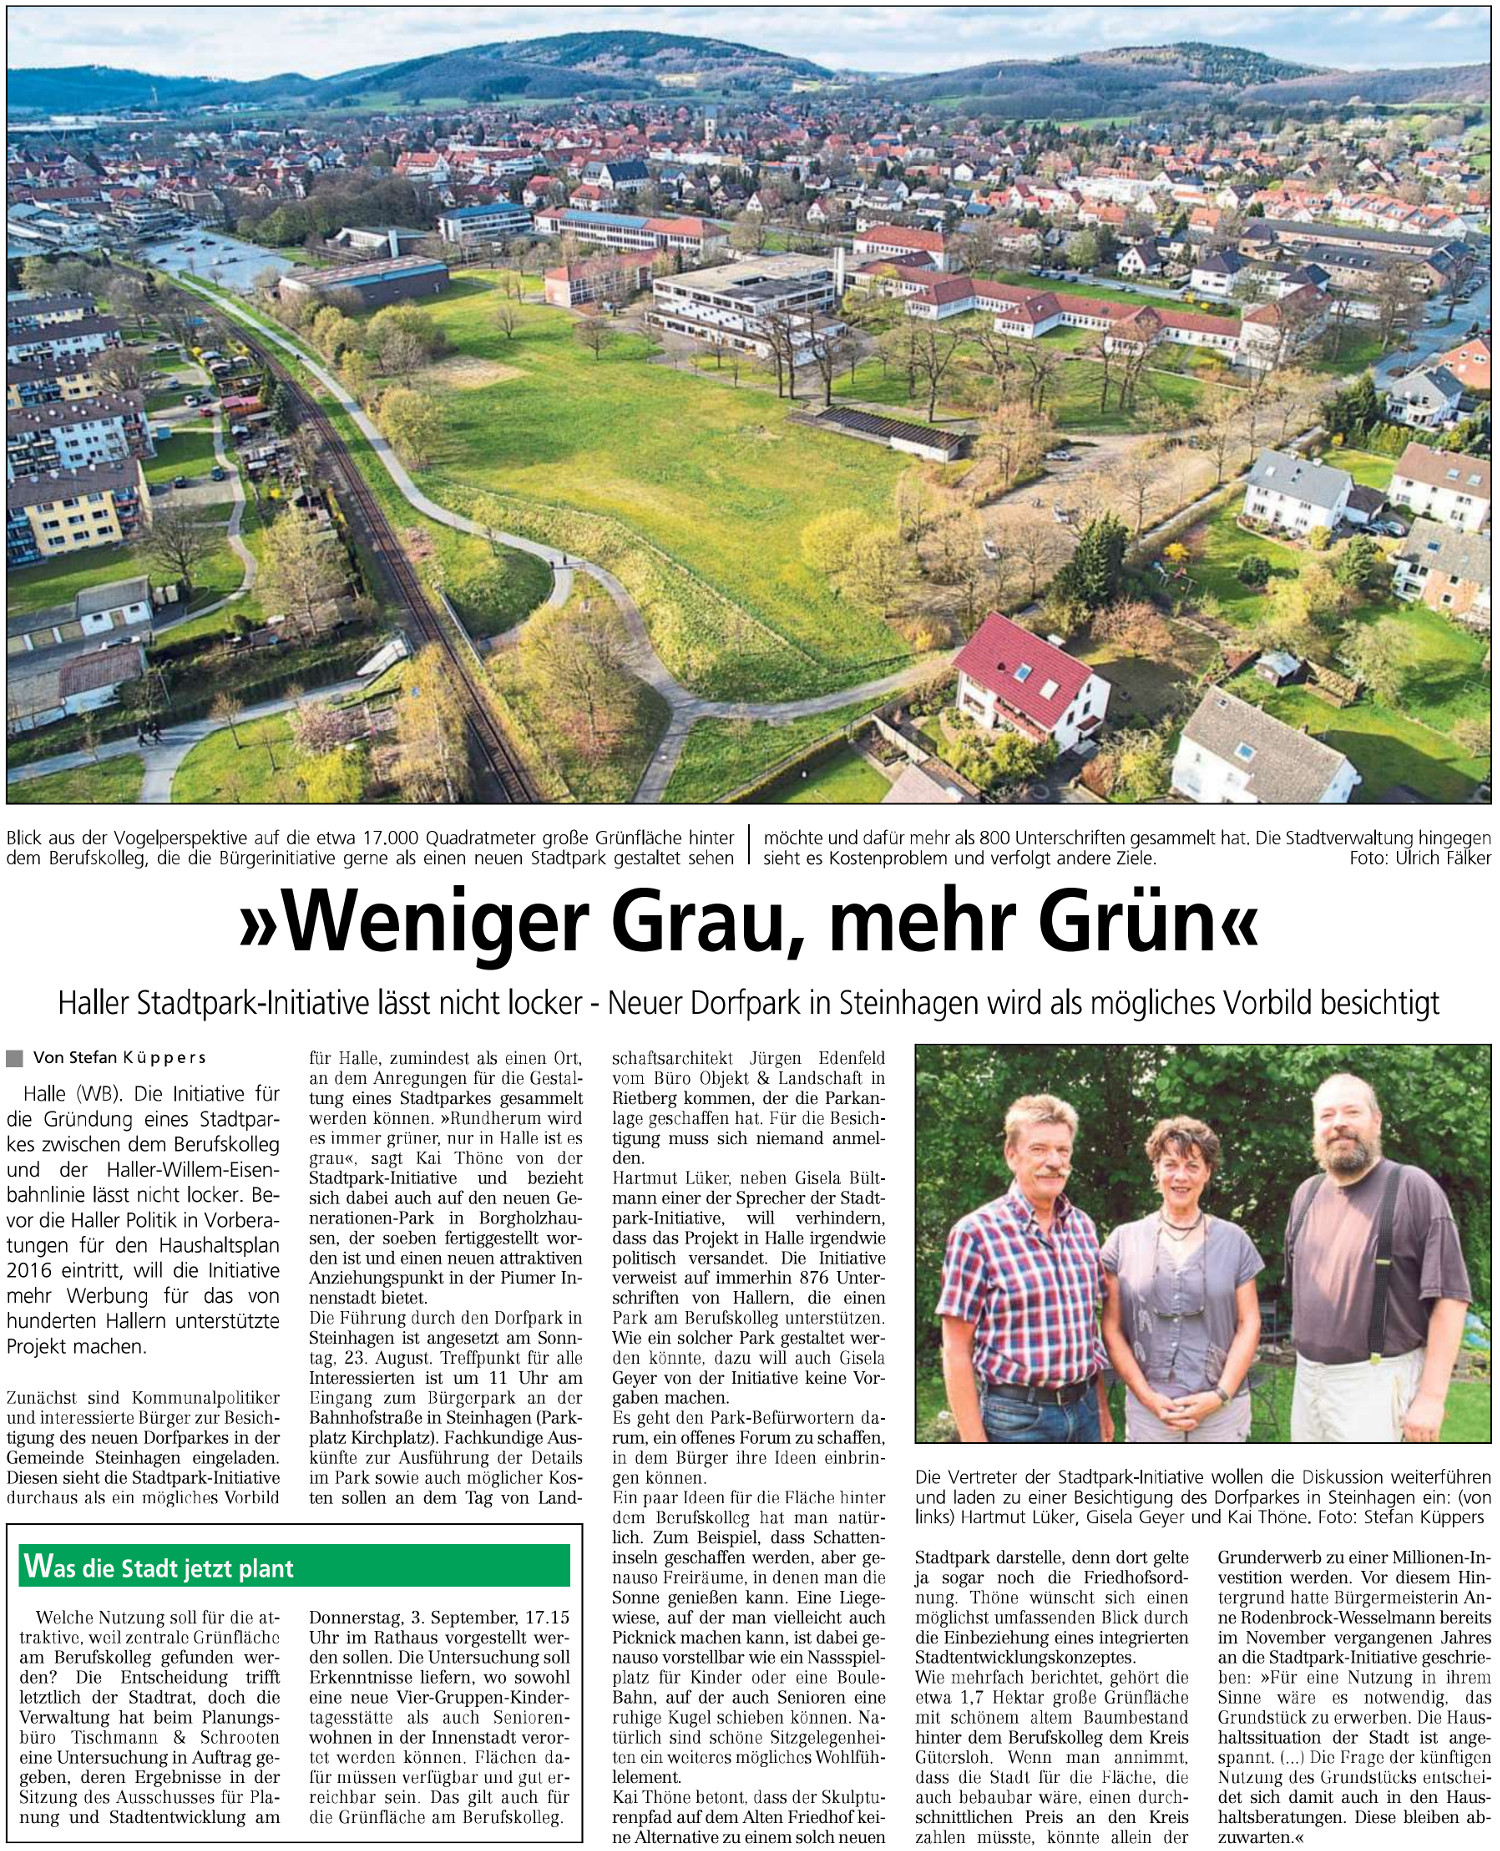 20150818 - WB - Weniger Grau mehr Grün